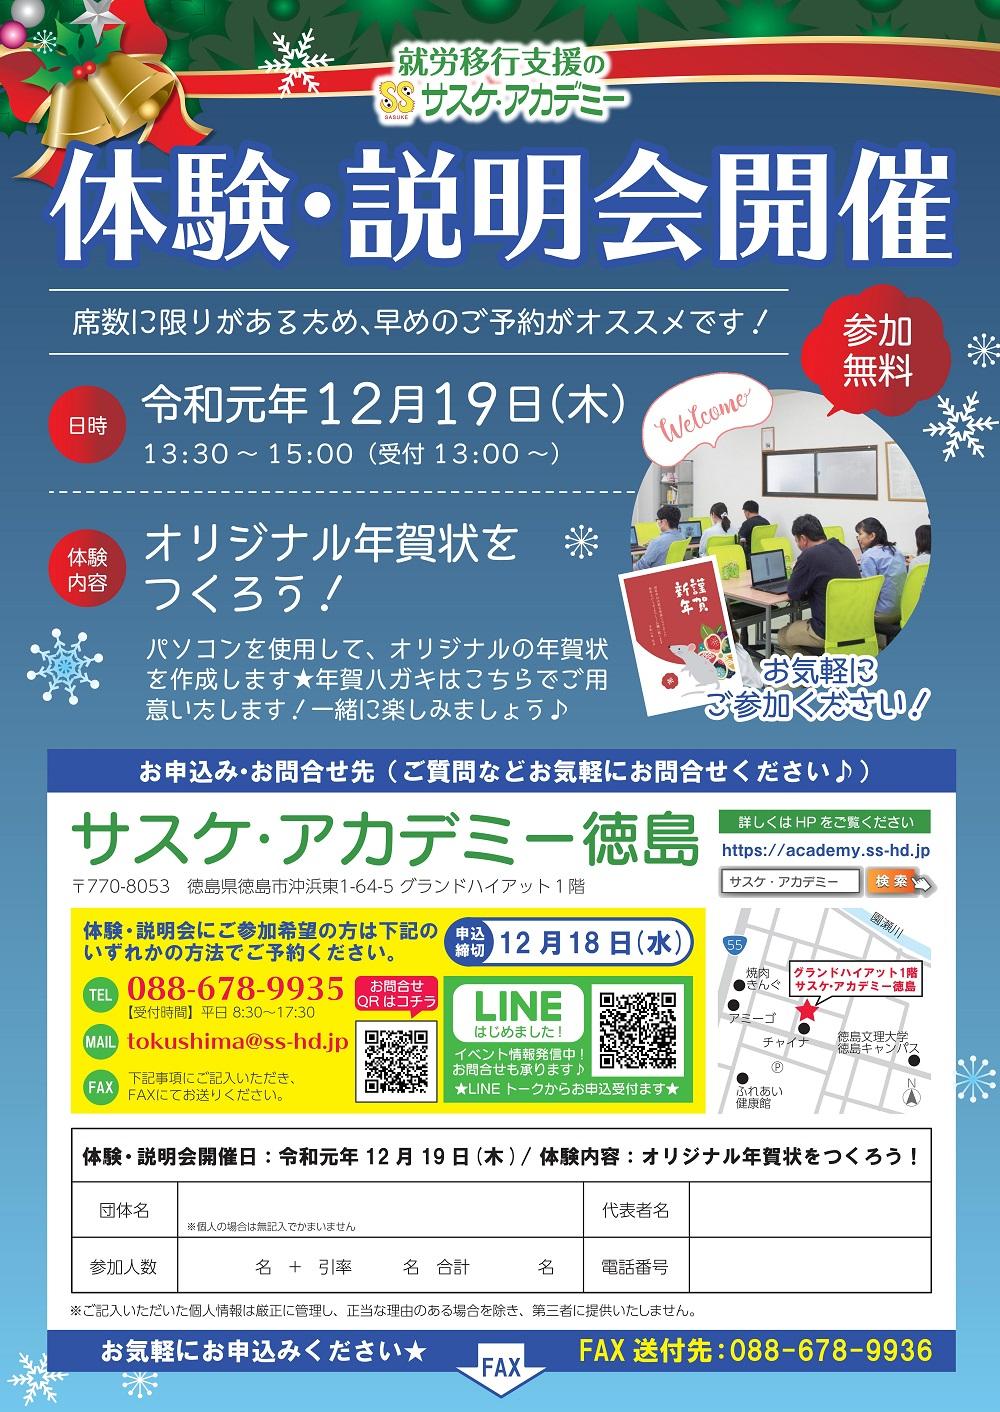 サスケ・アカデミー徳島12月体験・説明会